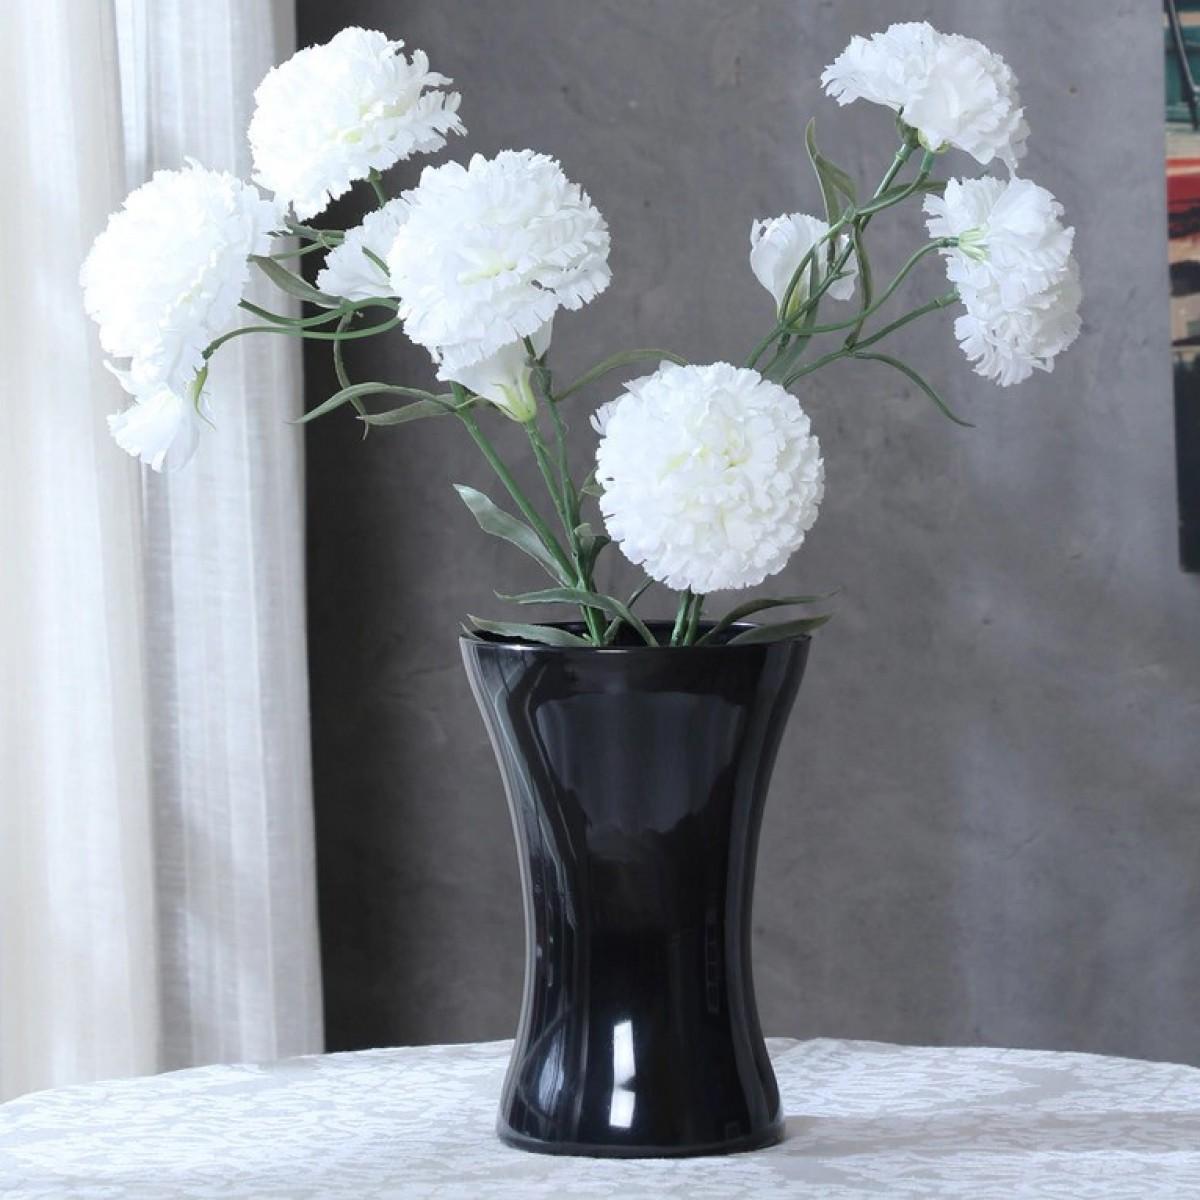 Hantied Black 14x20cm Acrylic Vase - 1 No